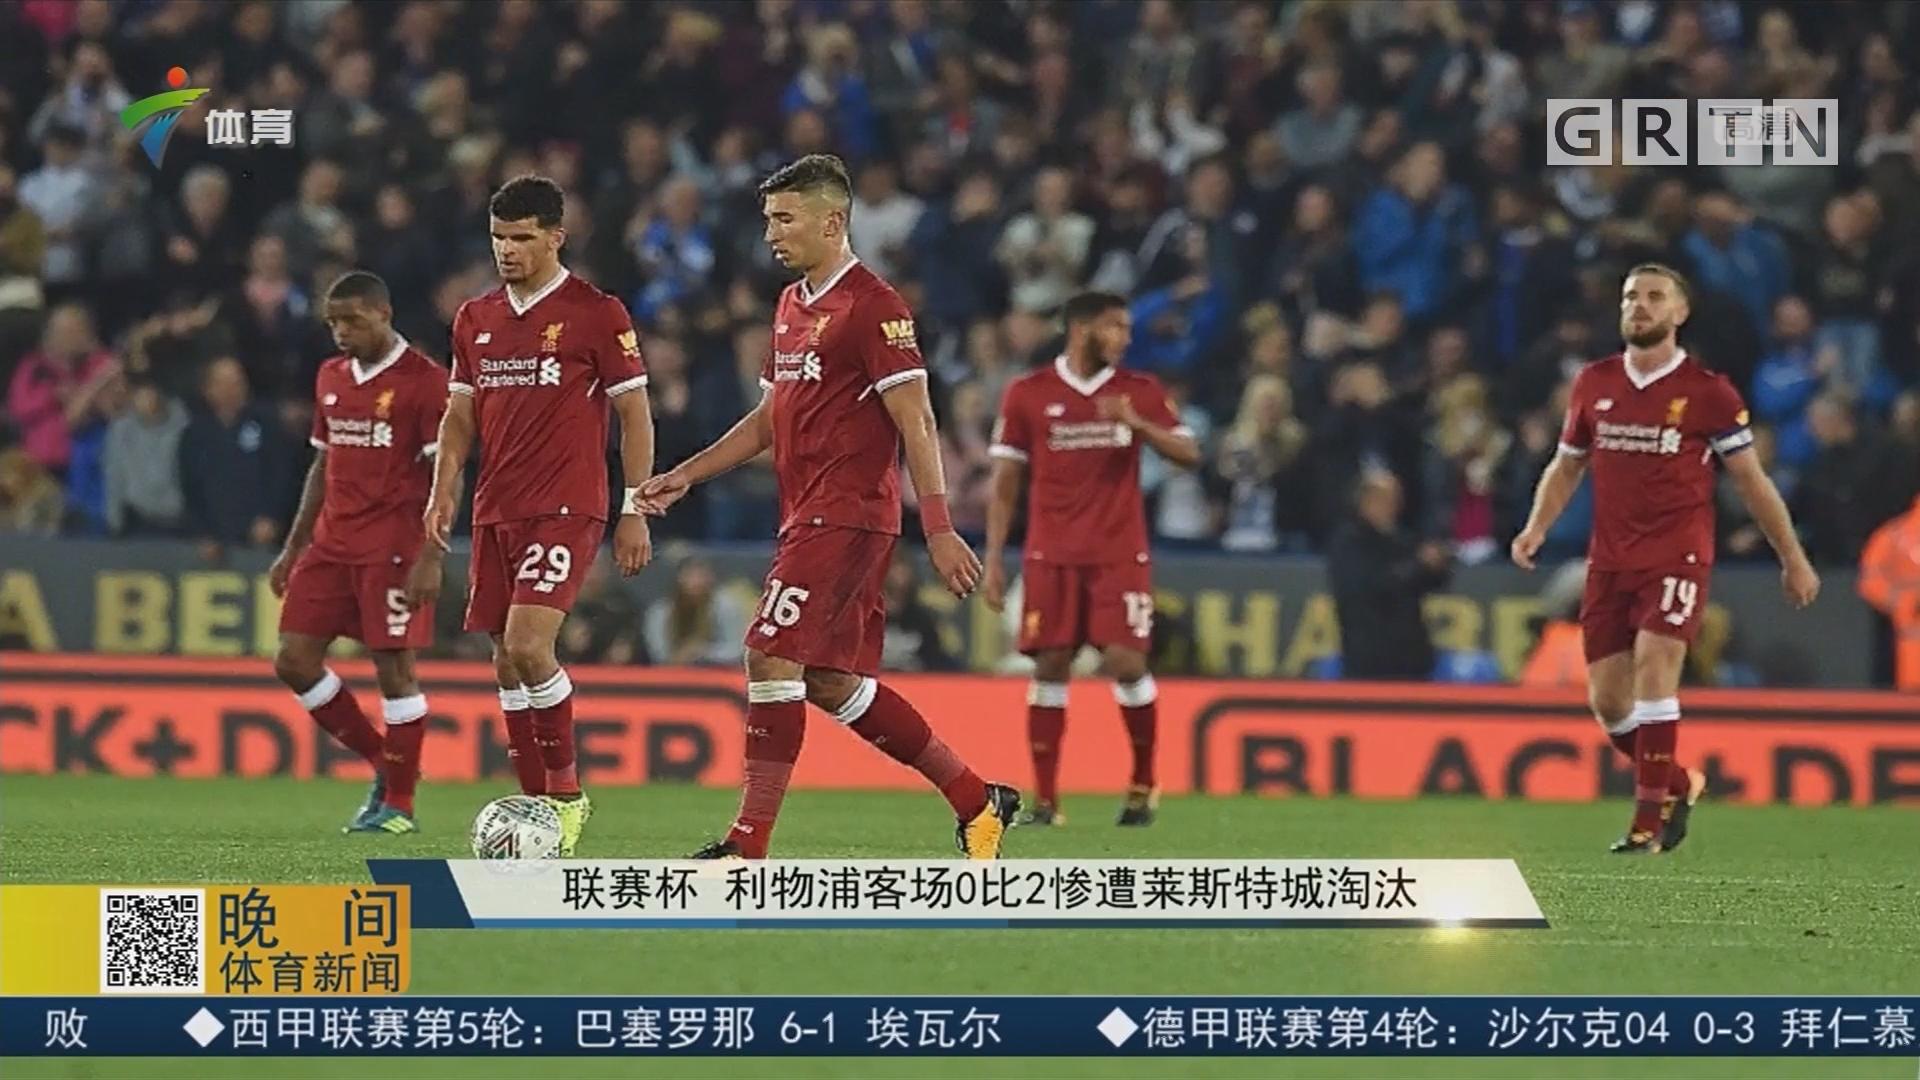 联赛杯 利物浦客场0比2惨遭莱斯特城淘汰